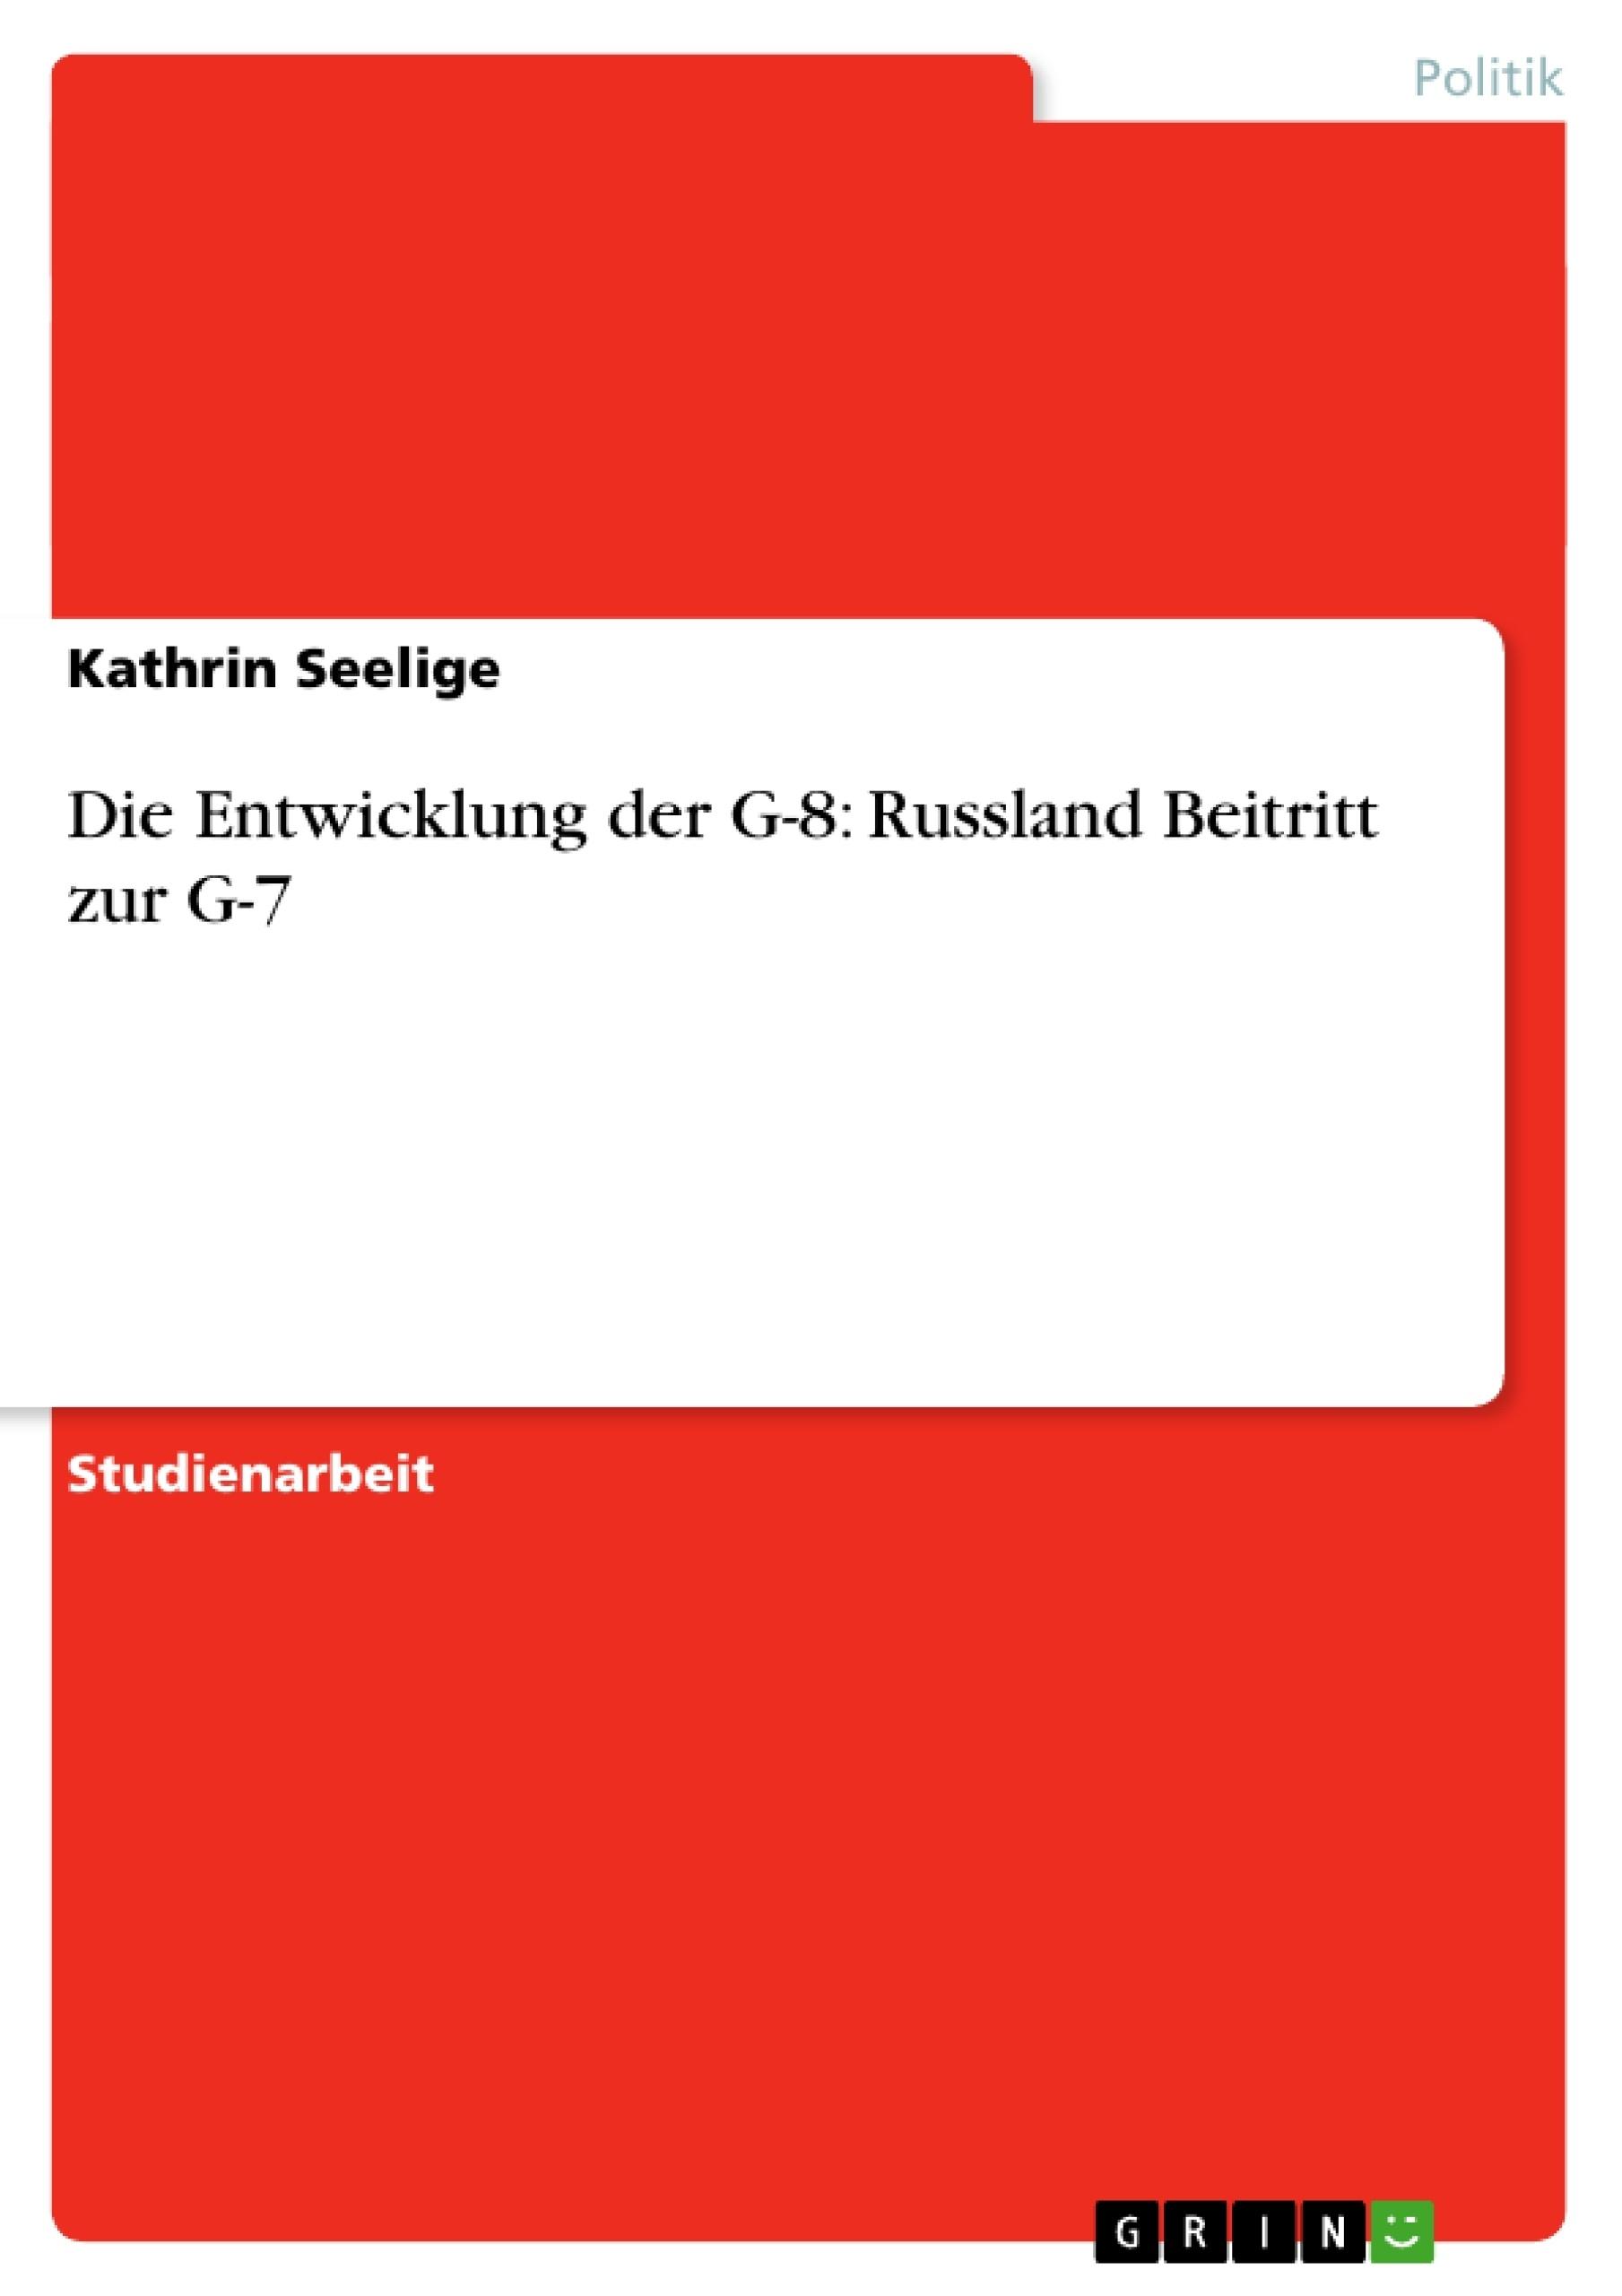 Titel: Die Entwicklung der G-8: Russland Beitritt zur G-7